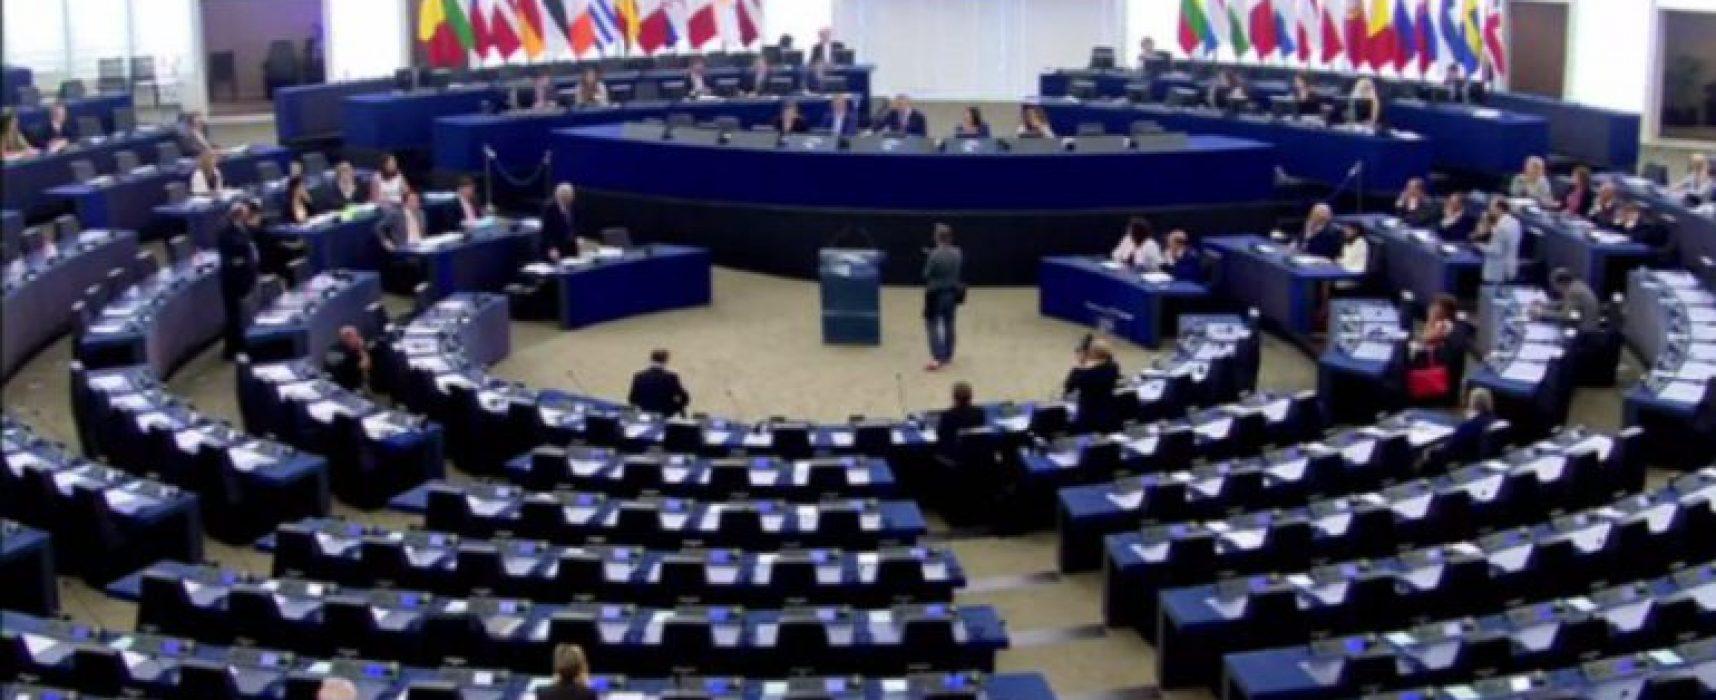 L'UE dichiara guerra alla disinformazione online